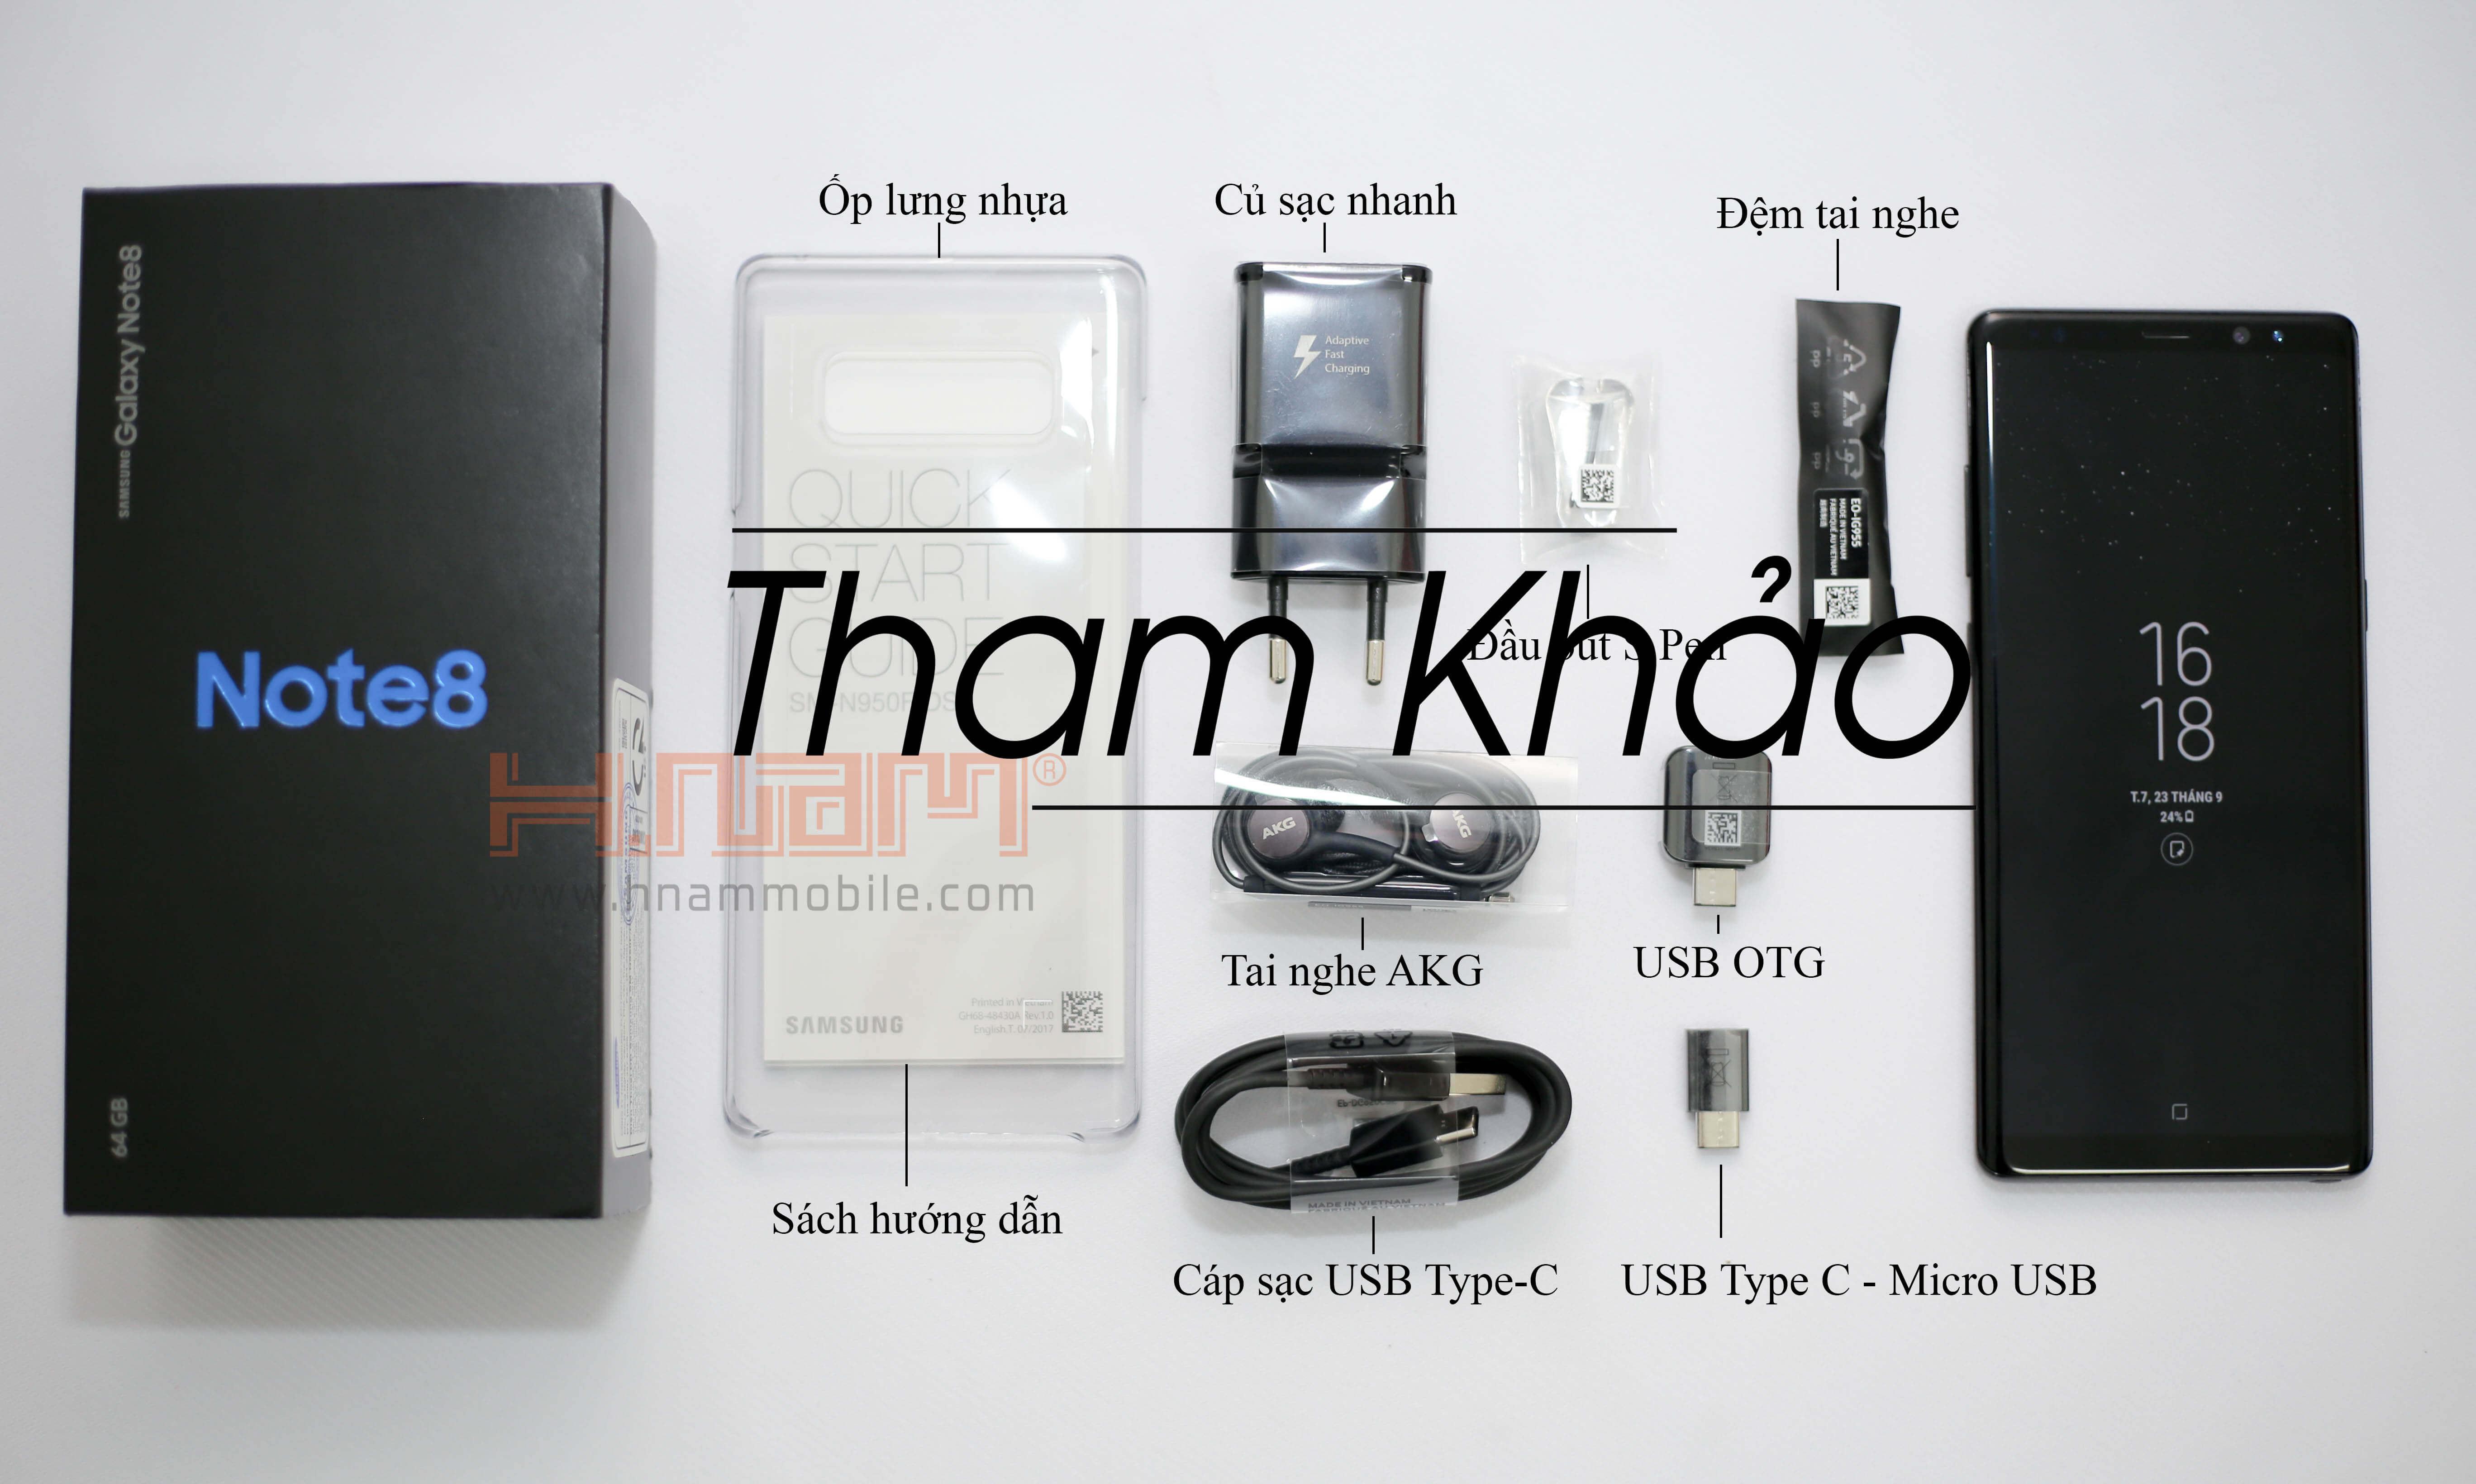 Samsung Galaxy Note 8 64Gb N950 Mỹ ( ) hình sản phẩm 0